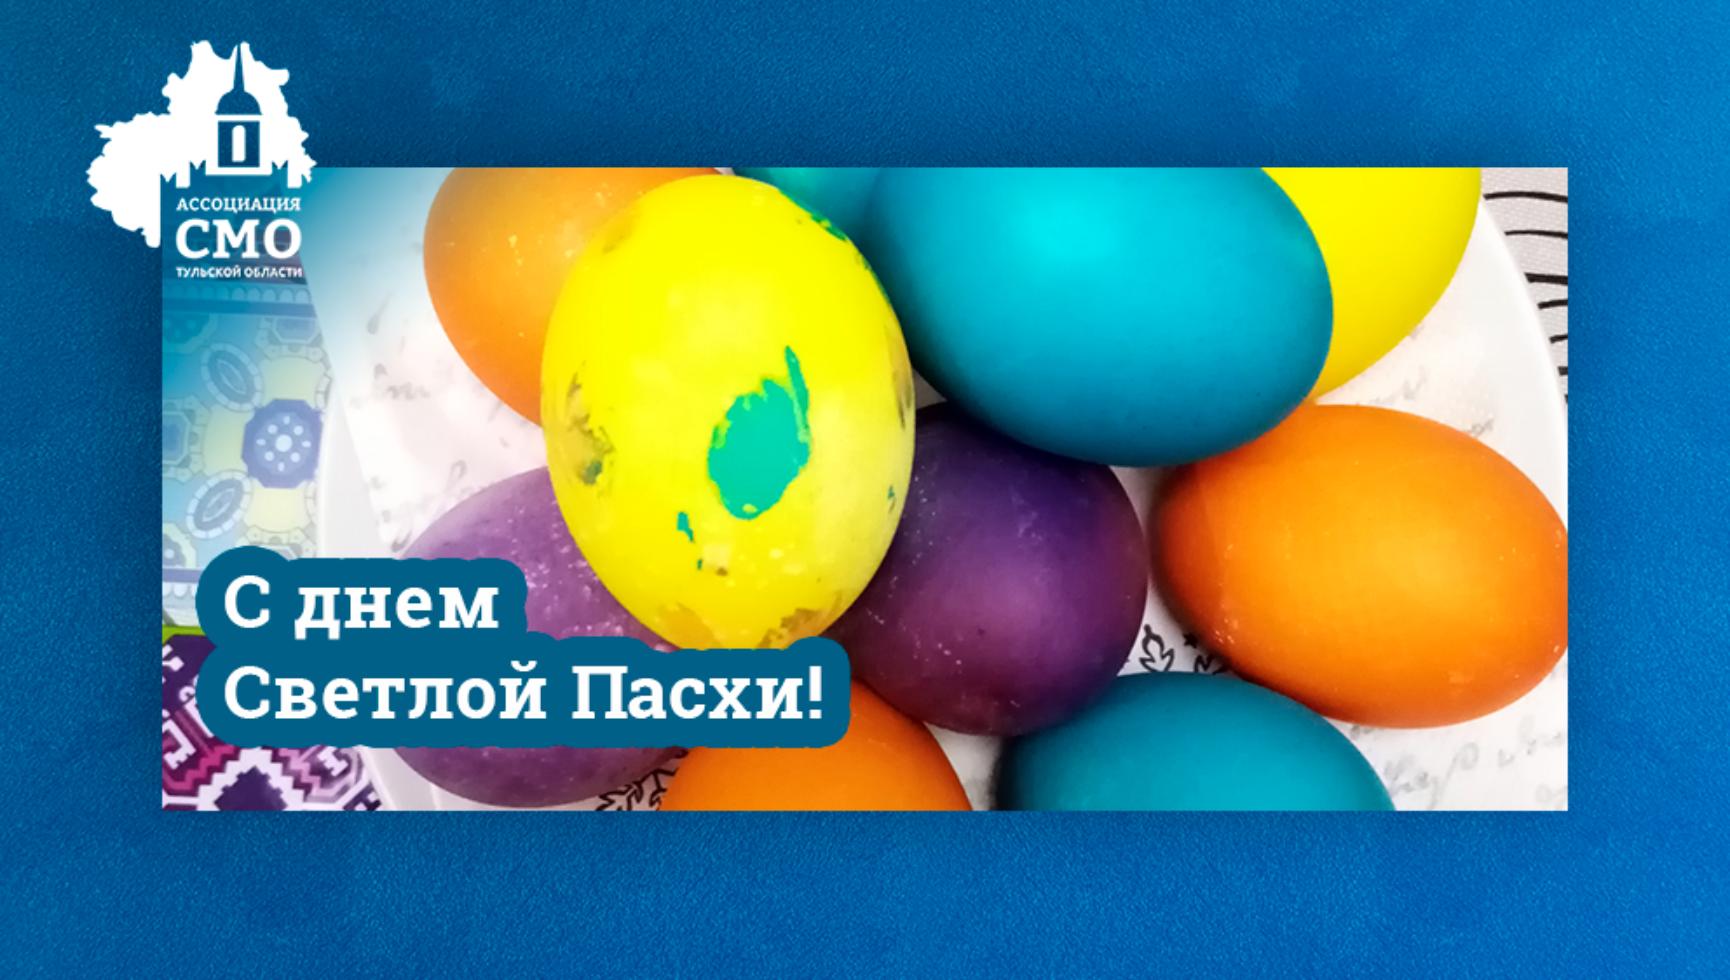 Друзья! Поздравляем вас со светлым праздником Пасхи!